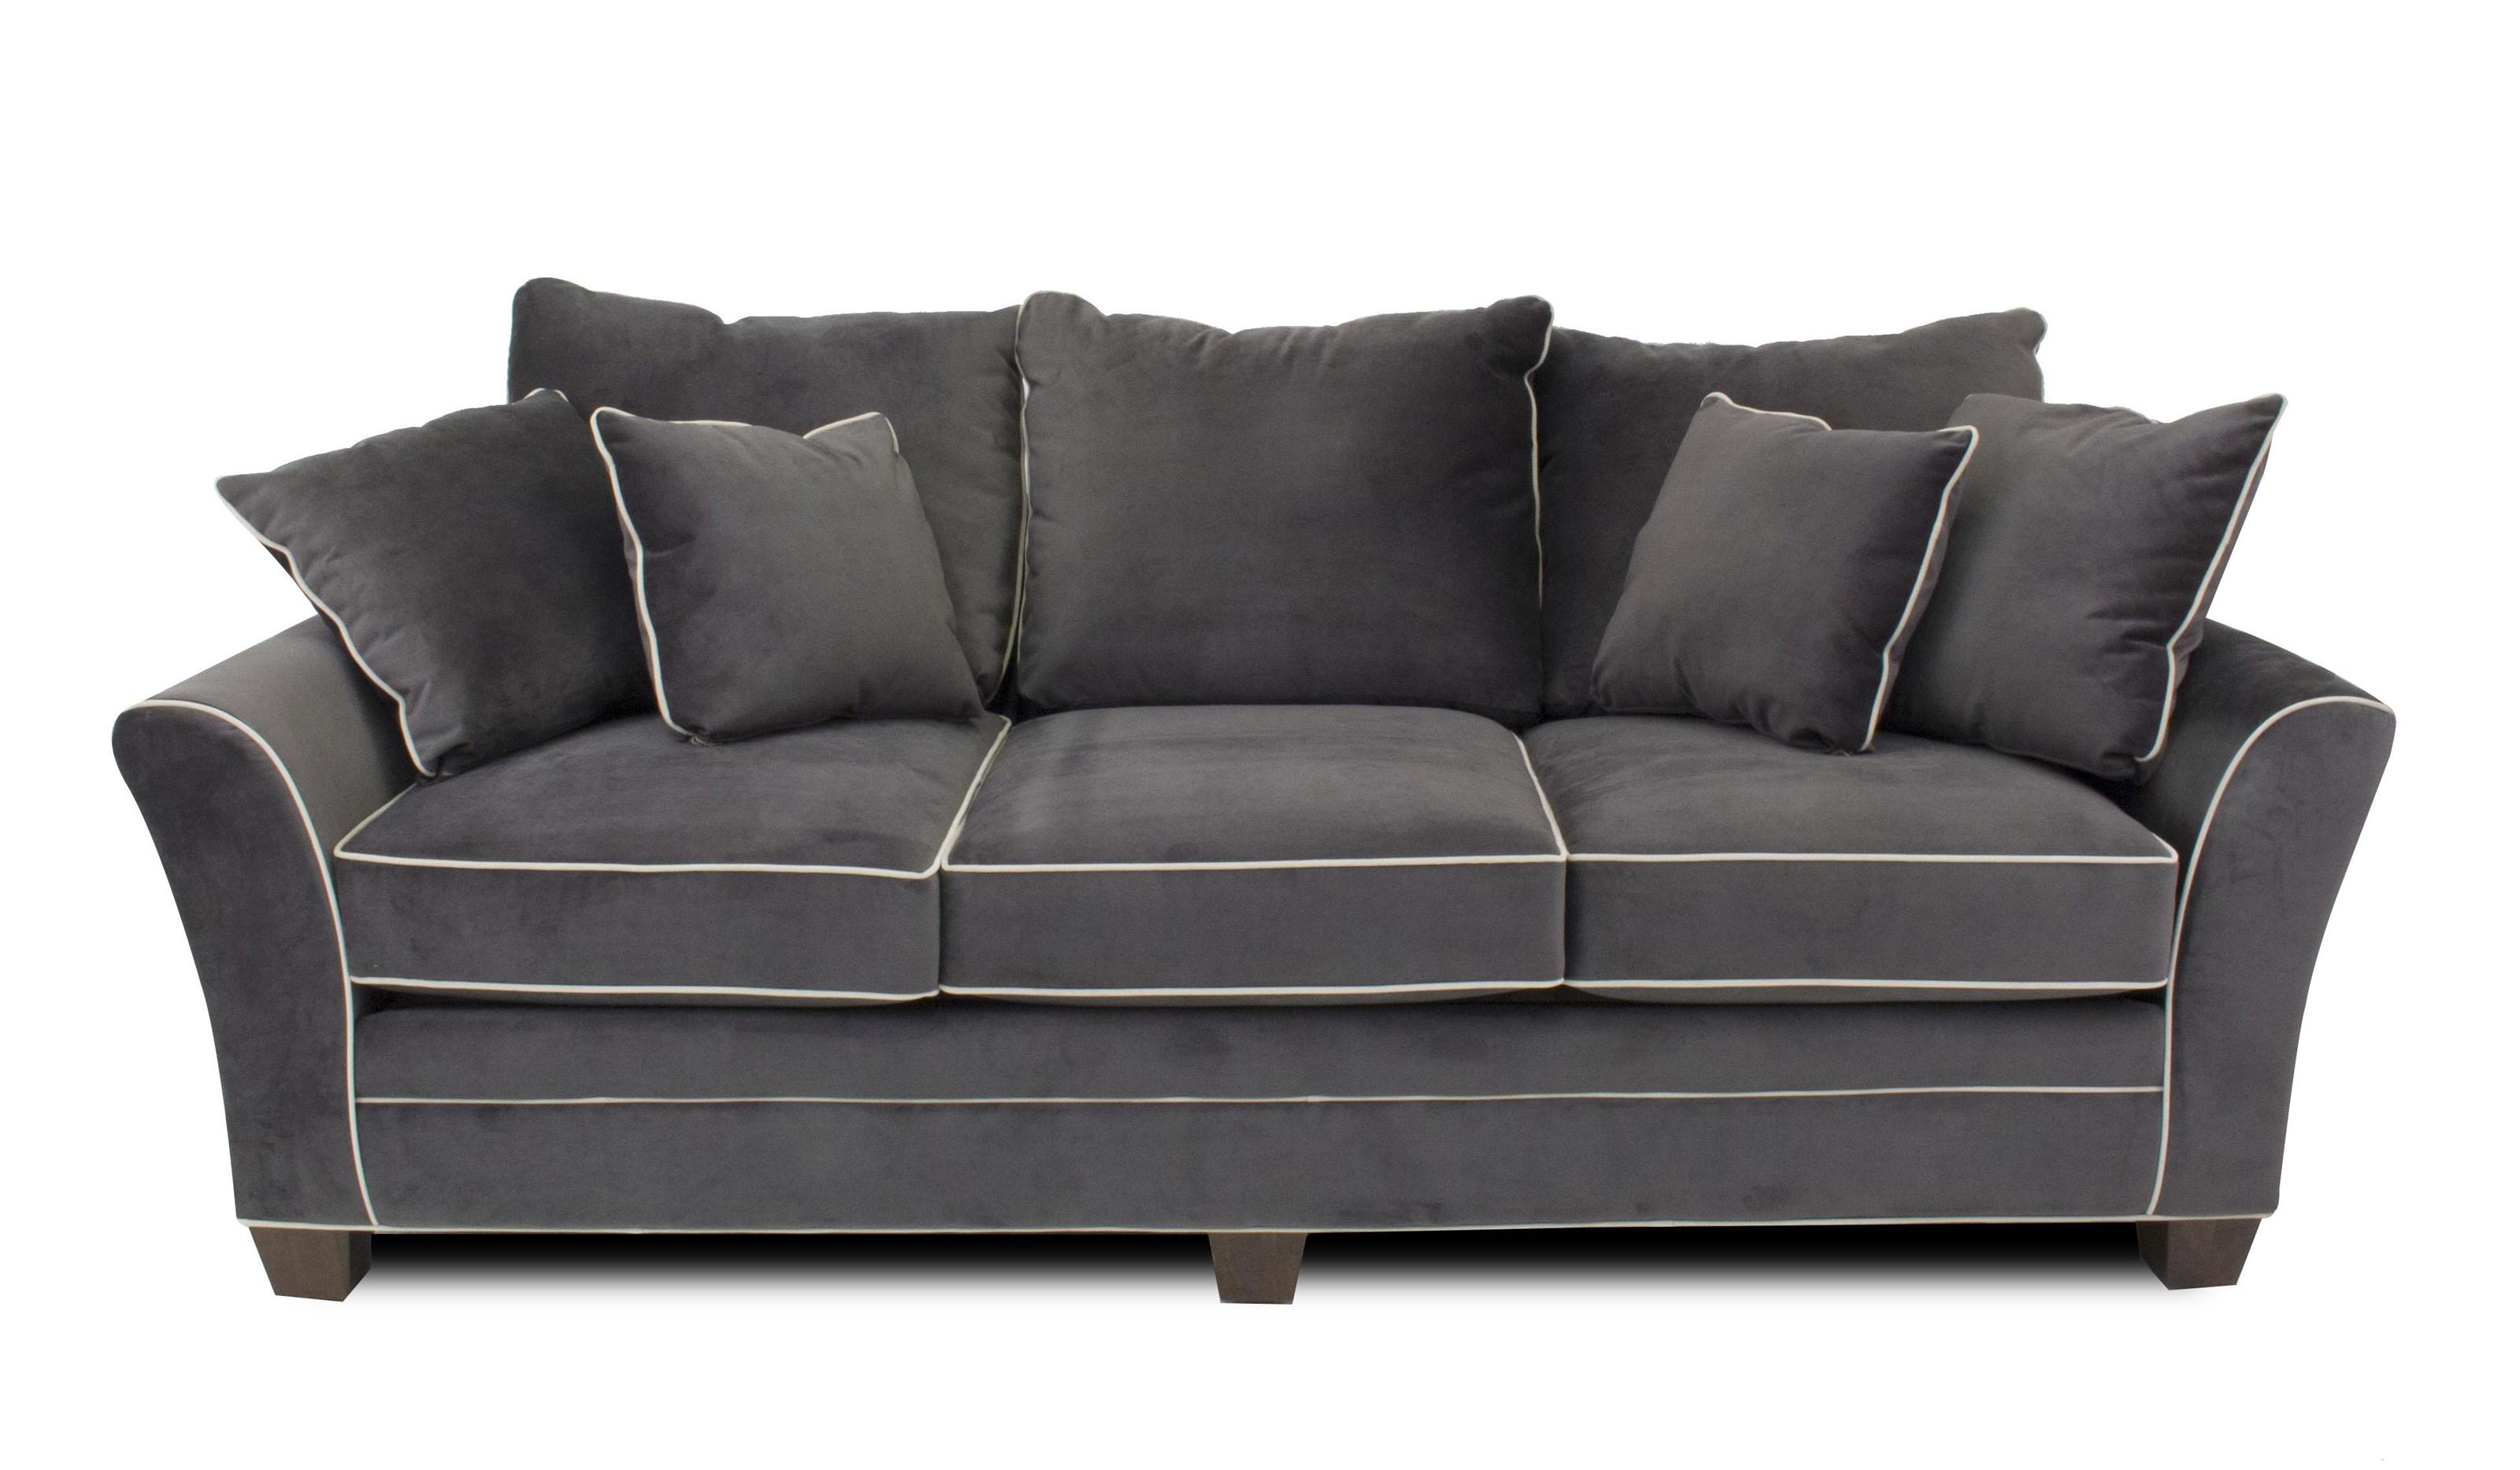 Metropia ParkerStationary Contemporary Sofa ...